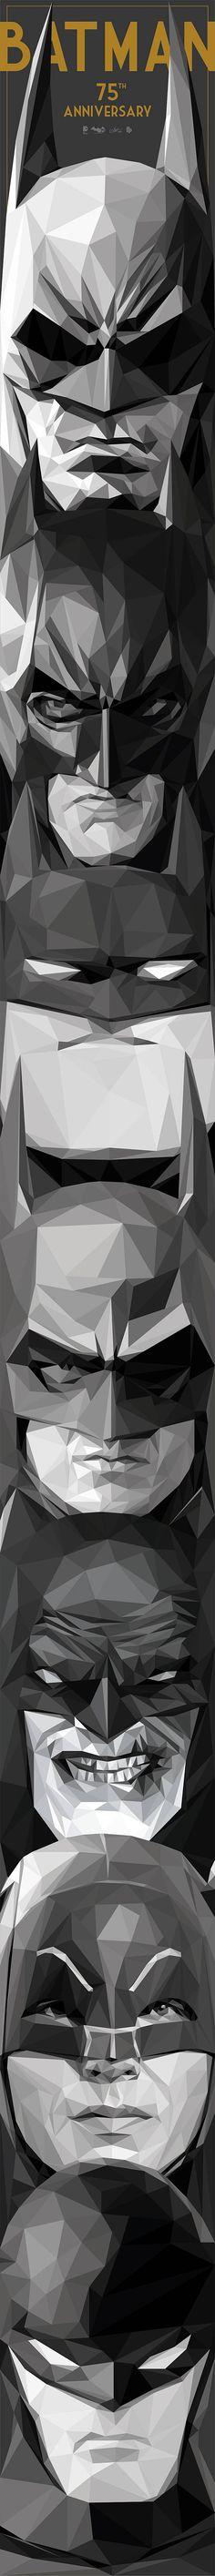 Trabajo de ilustración por el 74 aniversario de Batman...Batman 75th Anniversary artwork